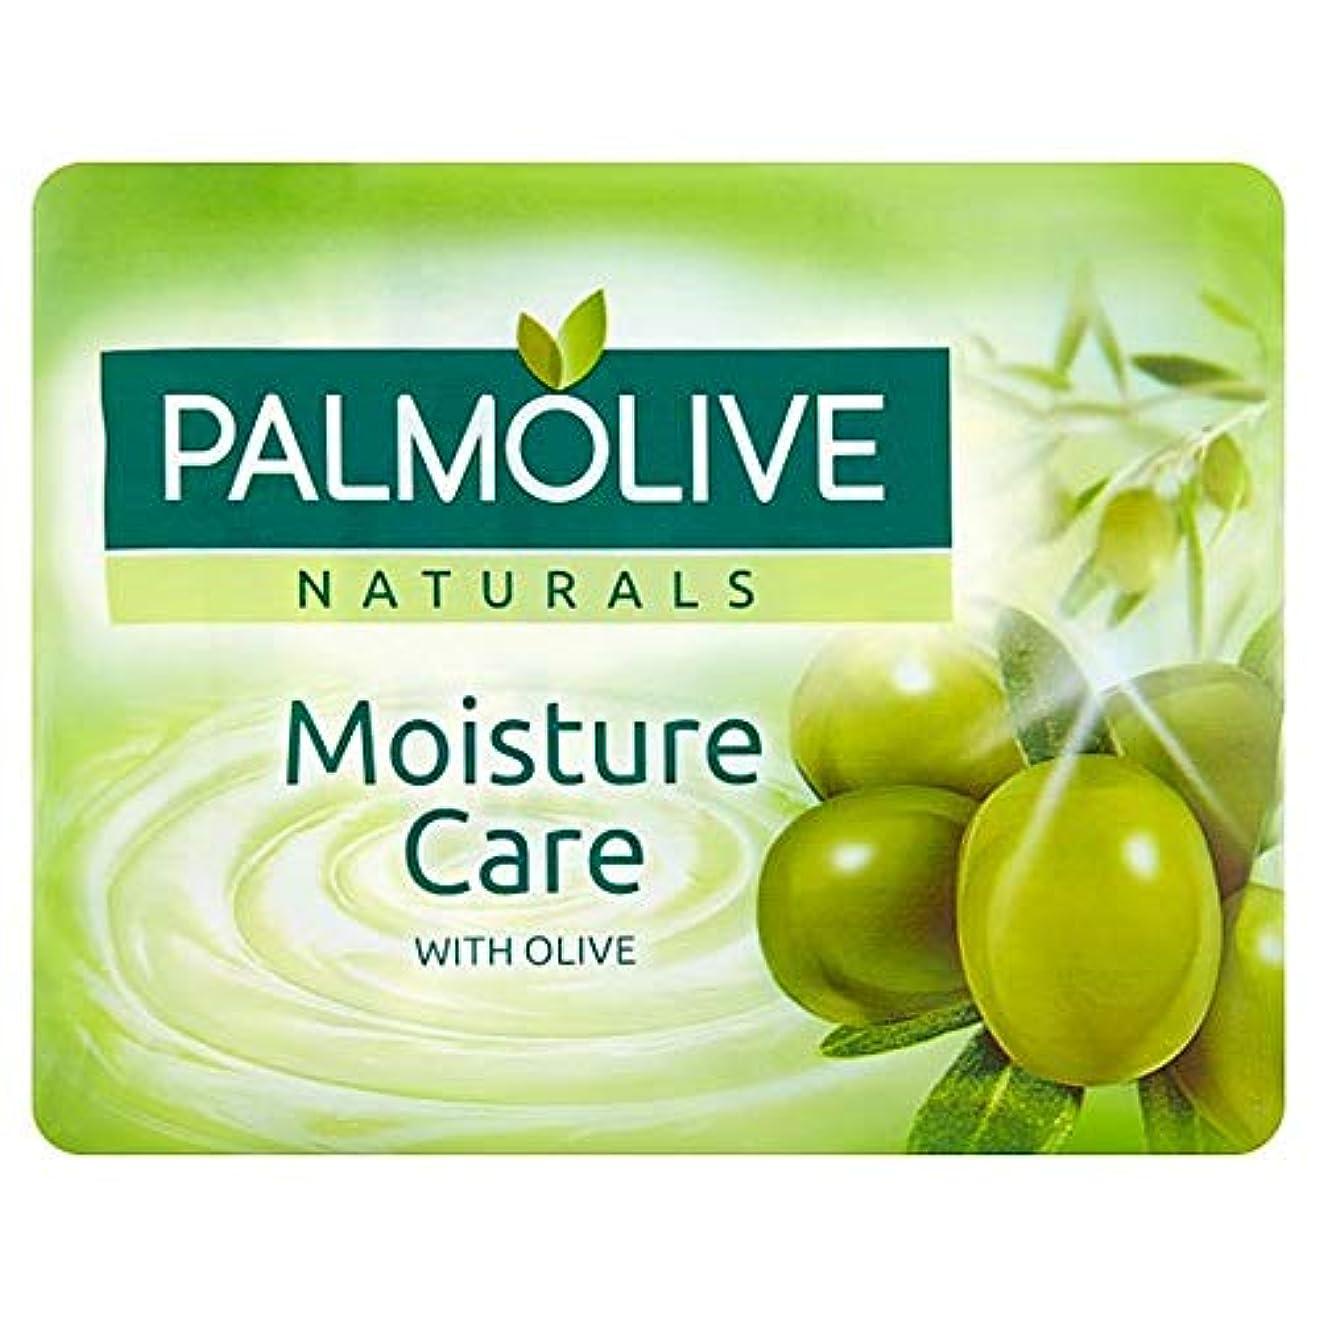 暴露側面導体[Palmolive ] パルモナチュラル水分ケア石鹸4×90グラム - Palmolive Naturals Moisture Care Bar Soap 4 X 90g [並行輸入品]